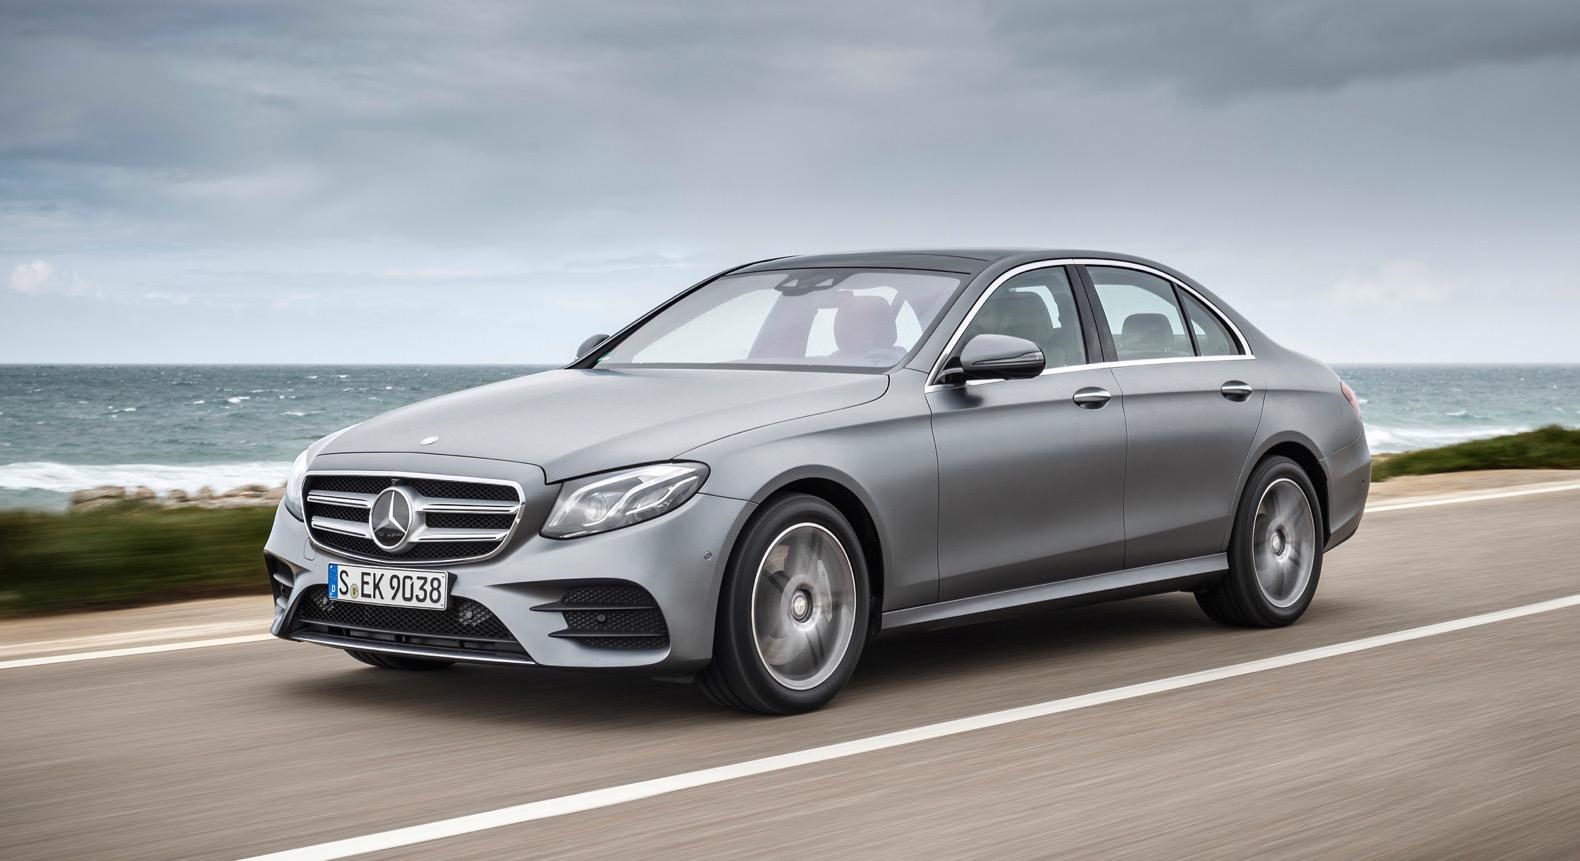 Prueba de manejo mercedes benz sedan clase e puros autos for Mercedes benz delaware